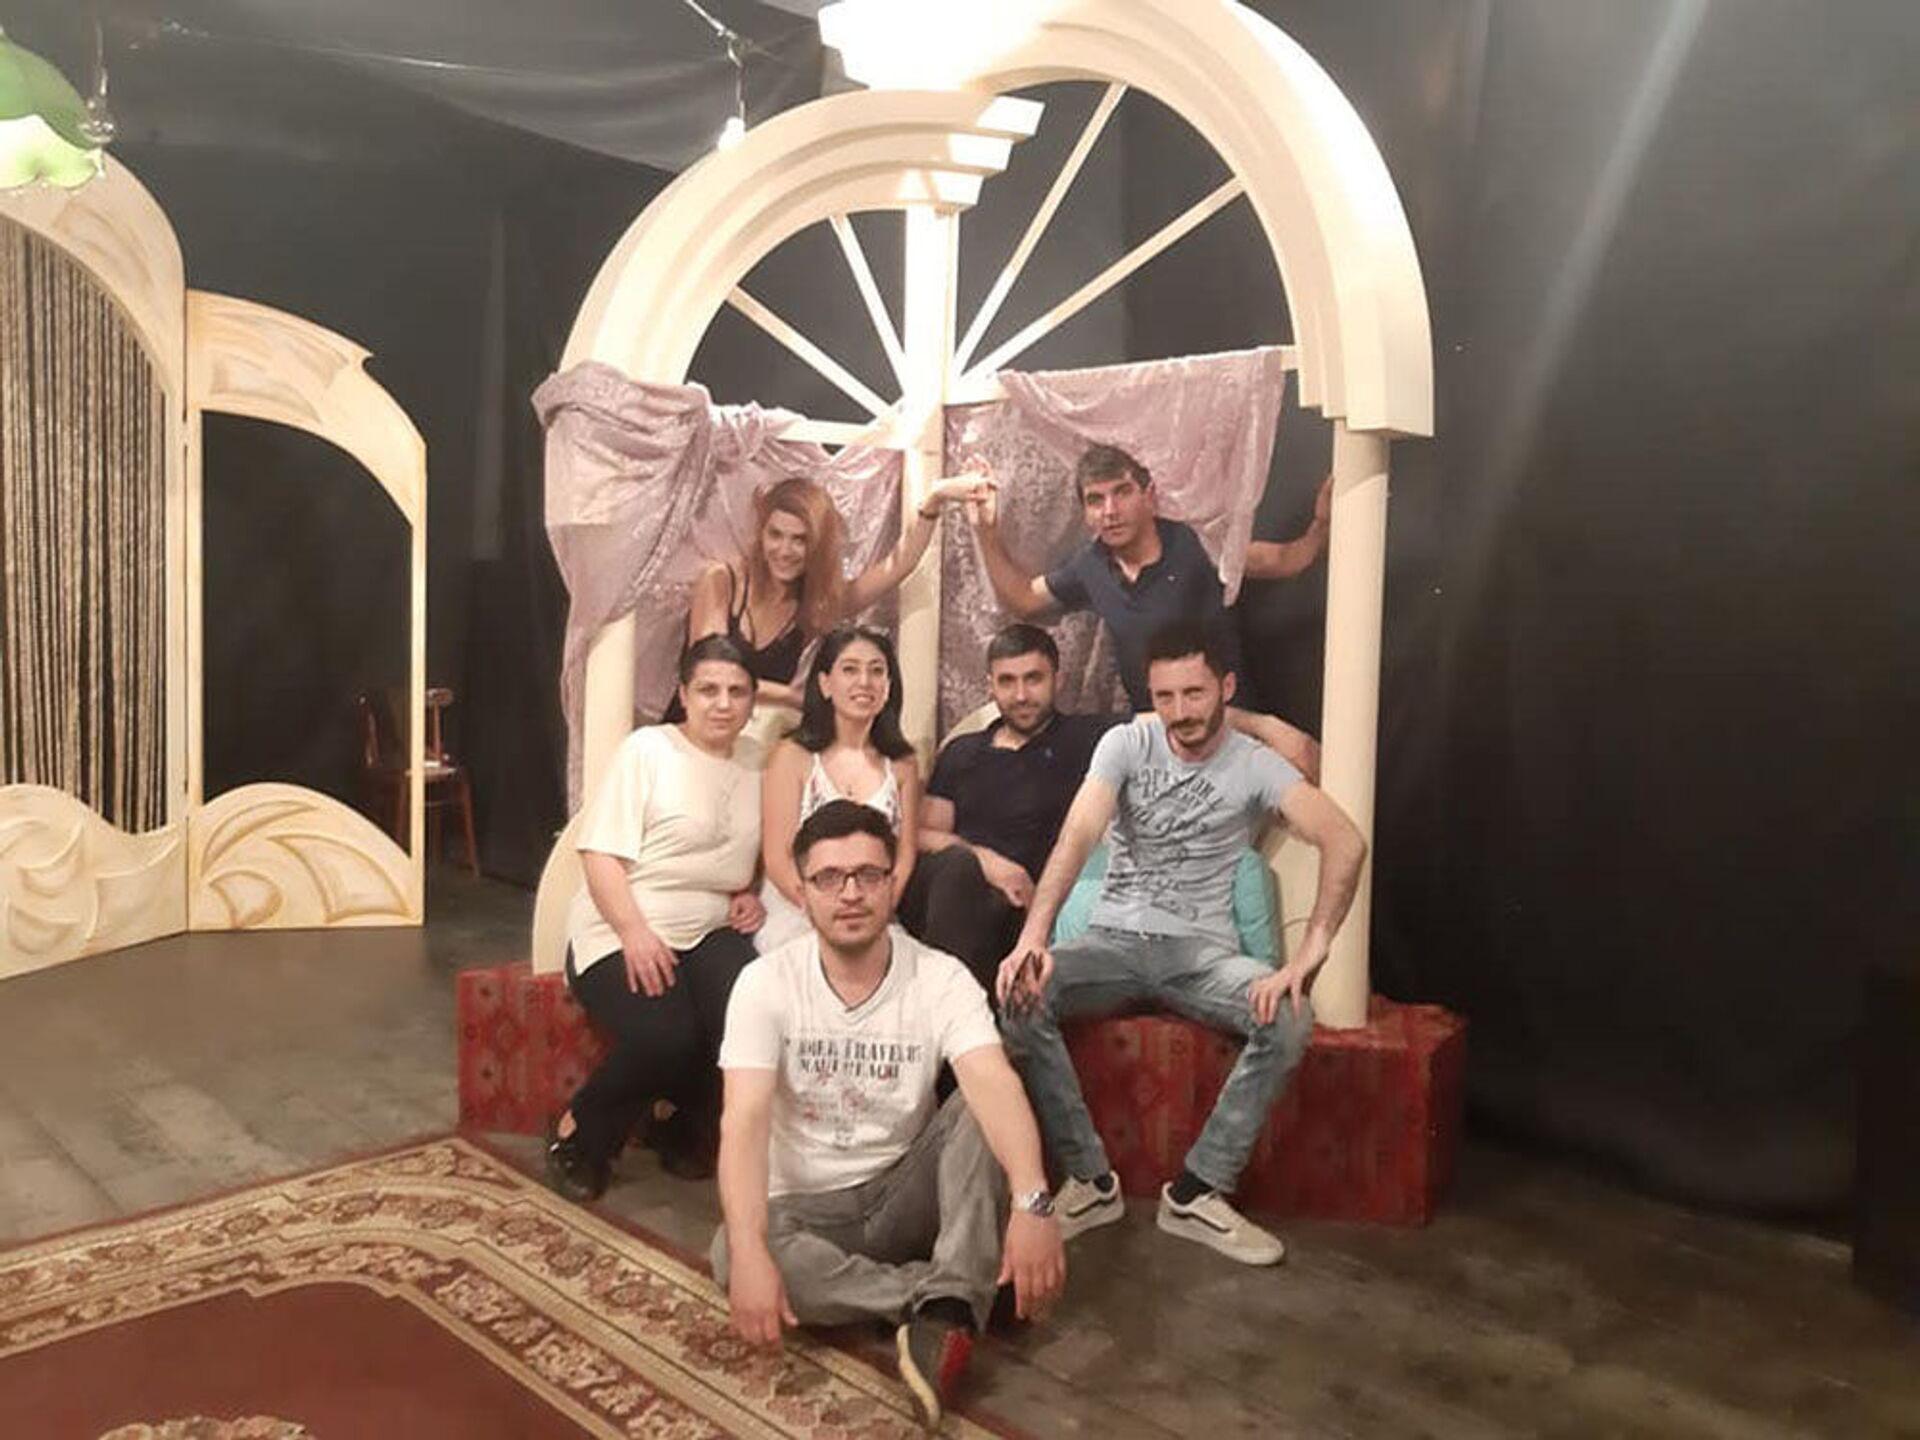 Азербайджанский театр в Грузии вновь приглашает зрителей и готовится к премьерам - Sputnik Азербайджан, 1920, 04.04.2021